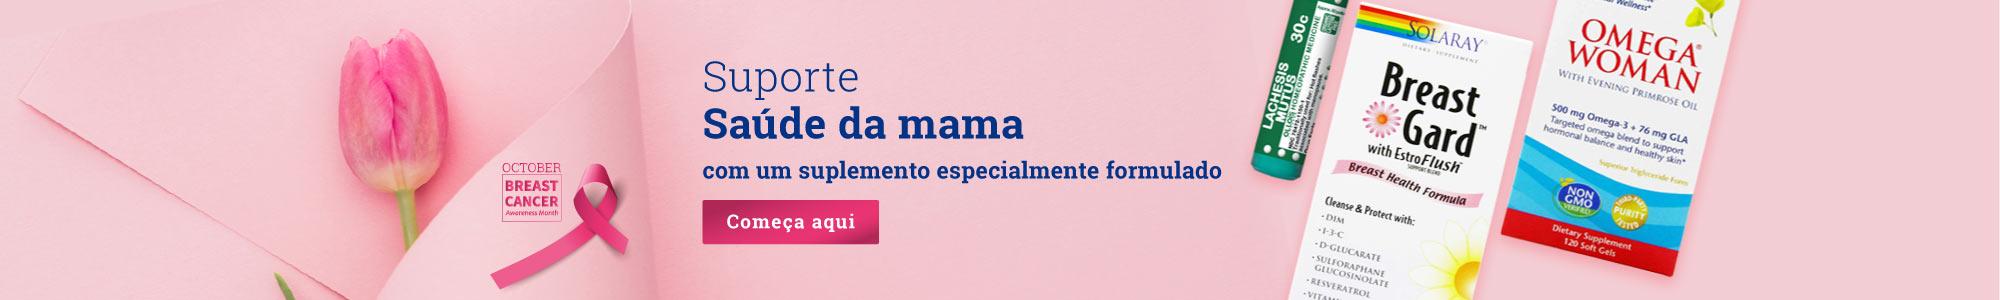 Suporte Saúde da mama com um suplemento especialmente formulado Começa aqui